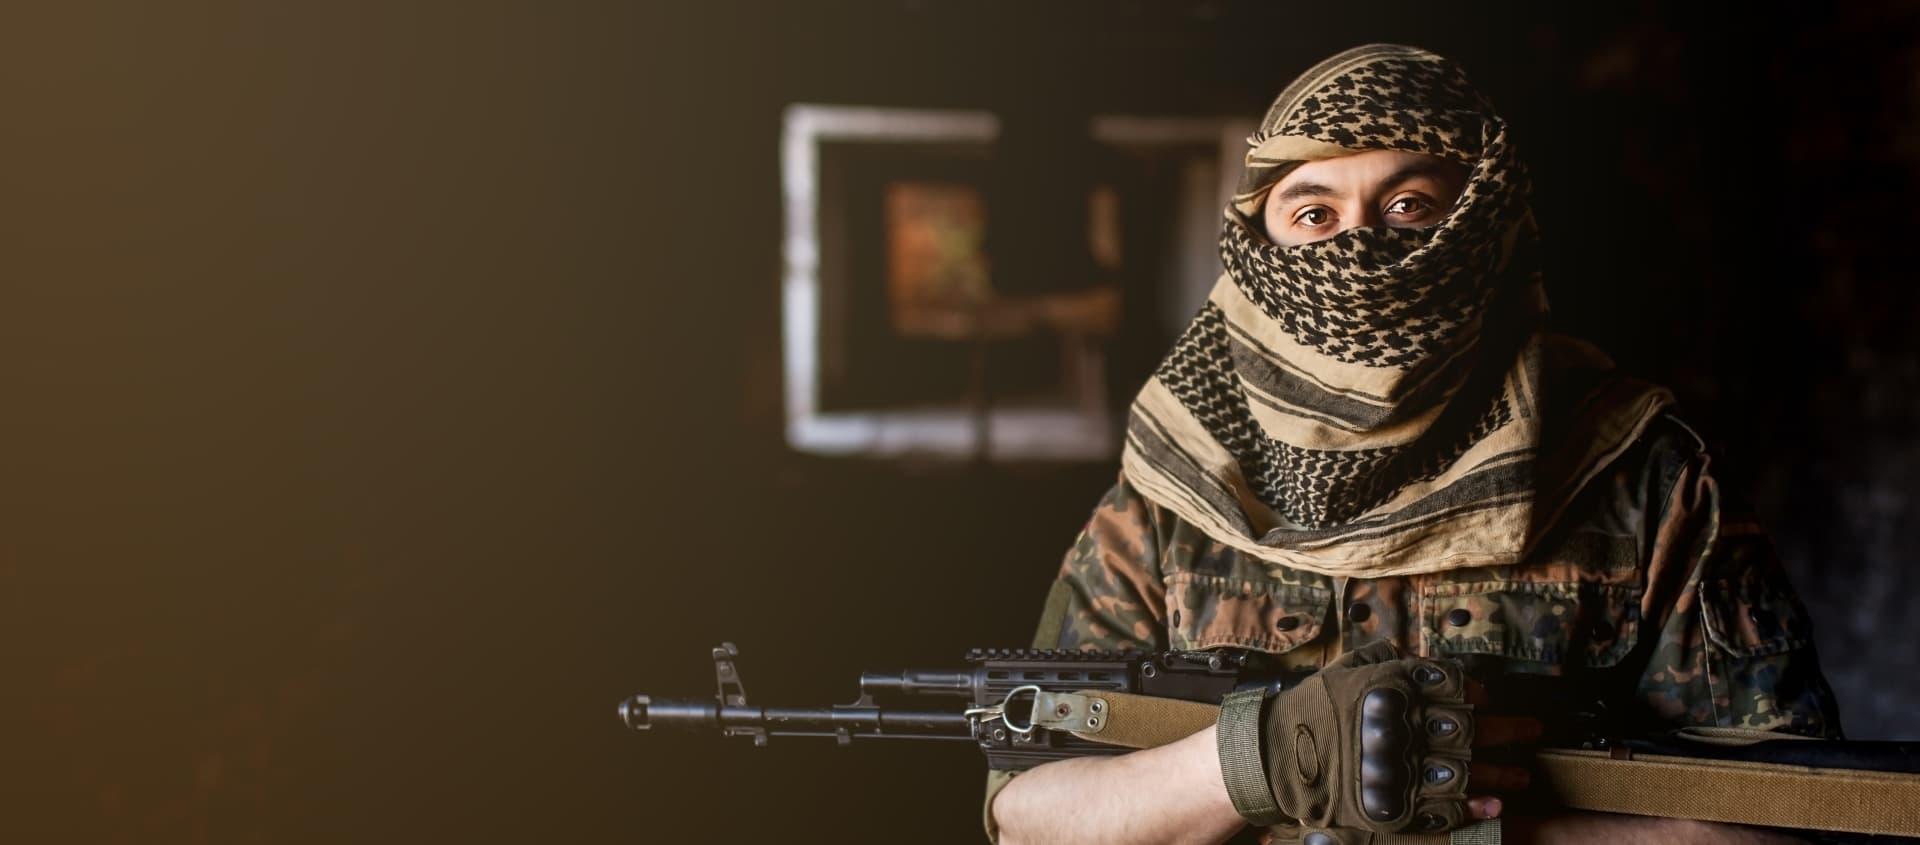 Da li je većina muslimana teroristi i fundamentalisti?